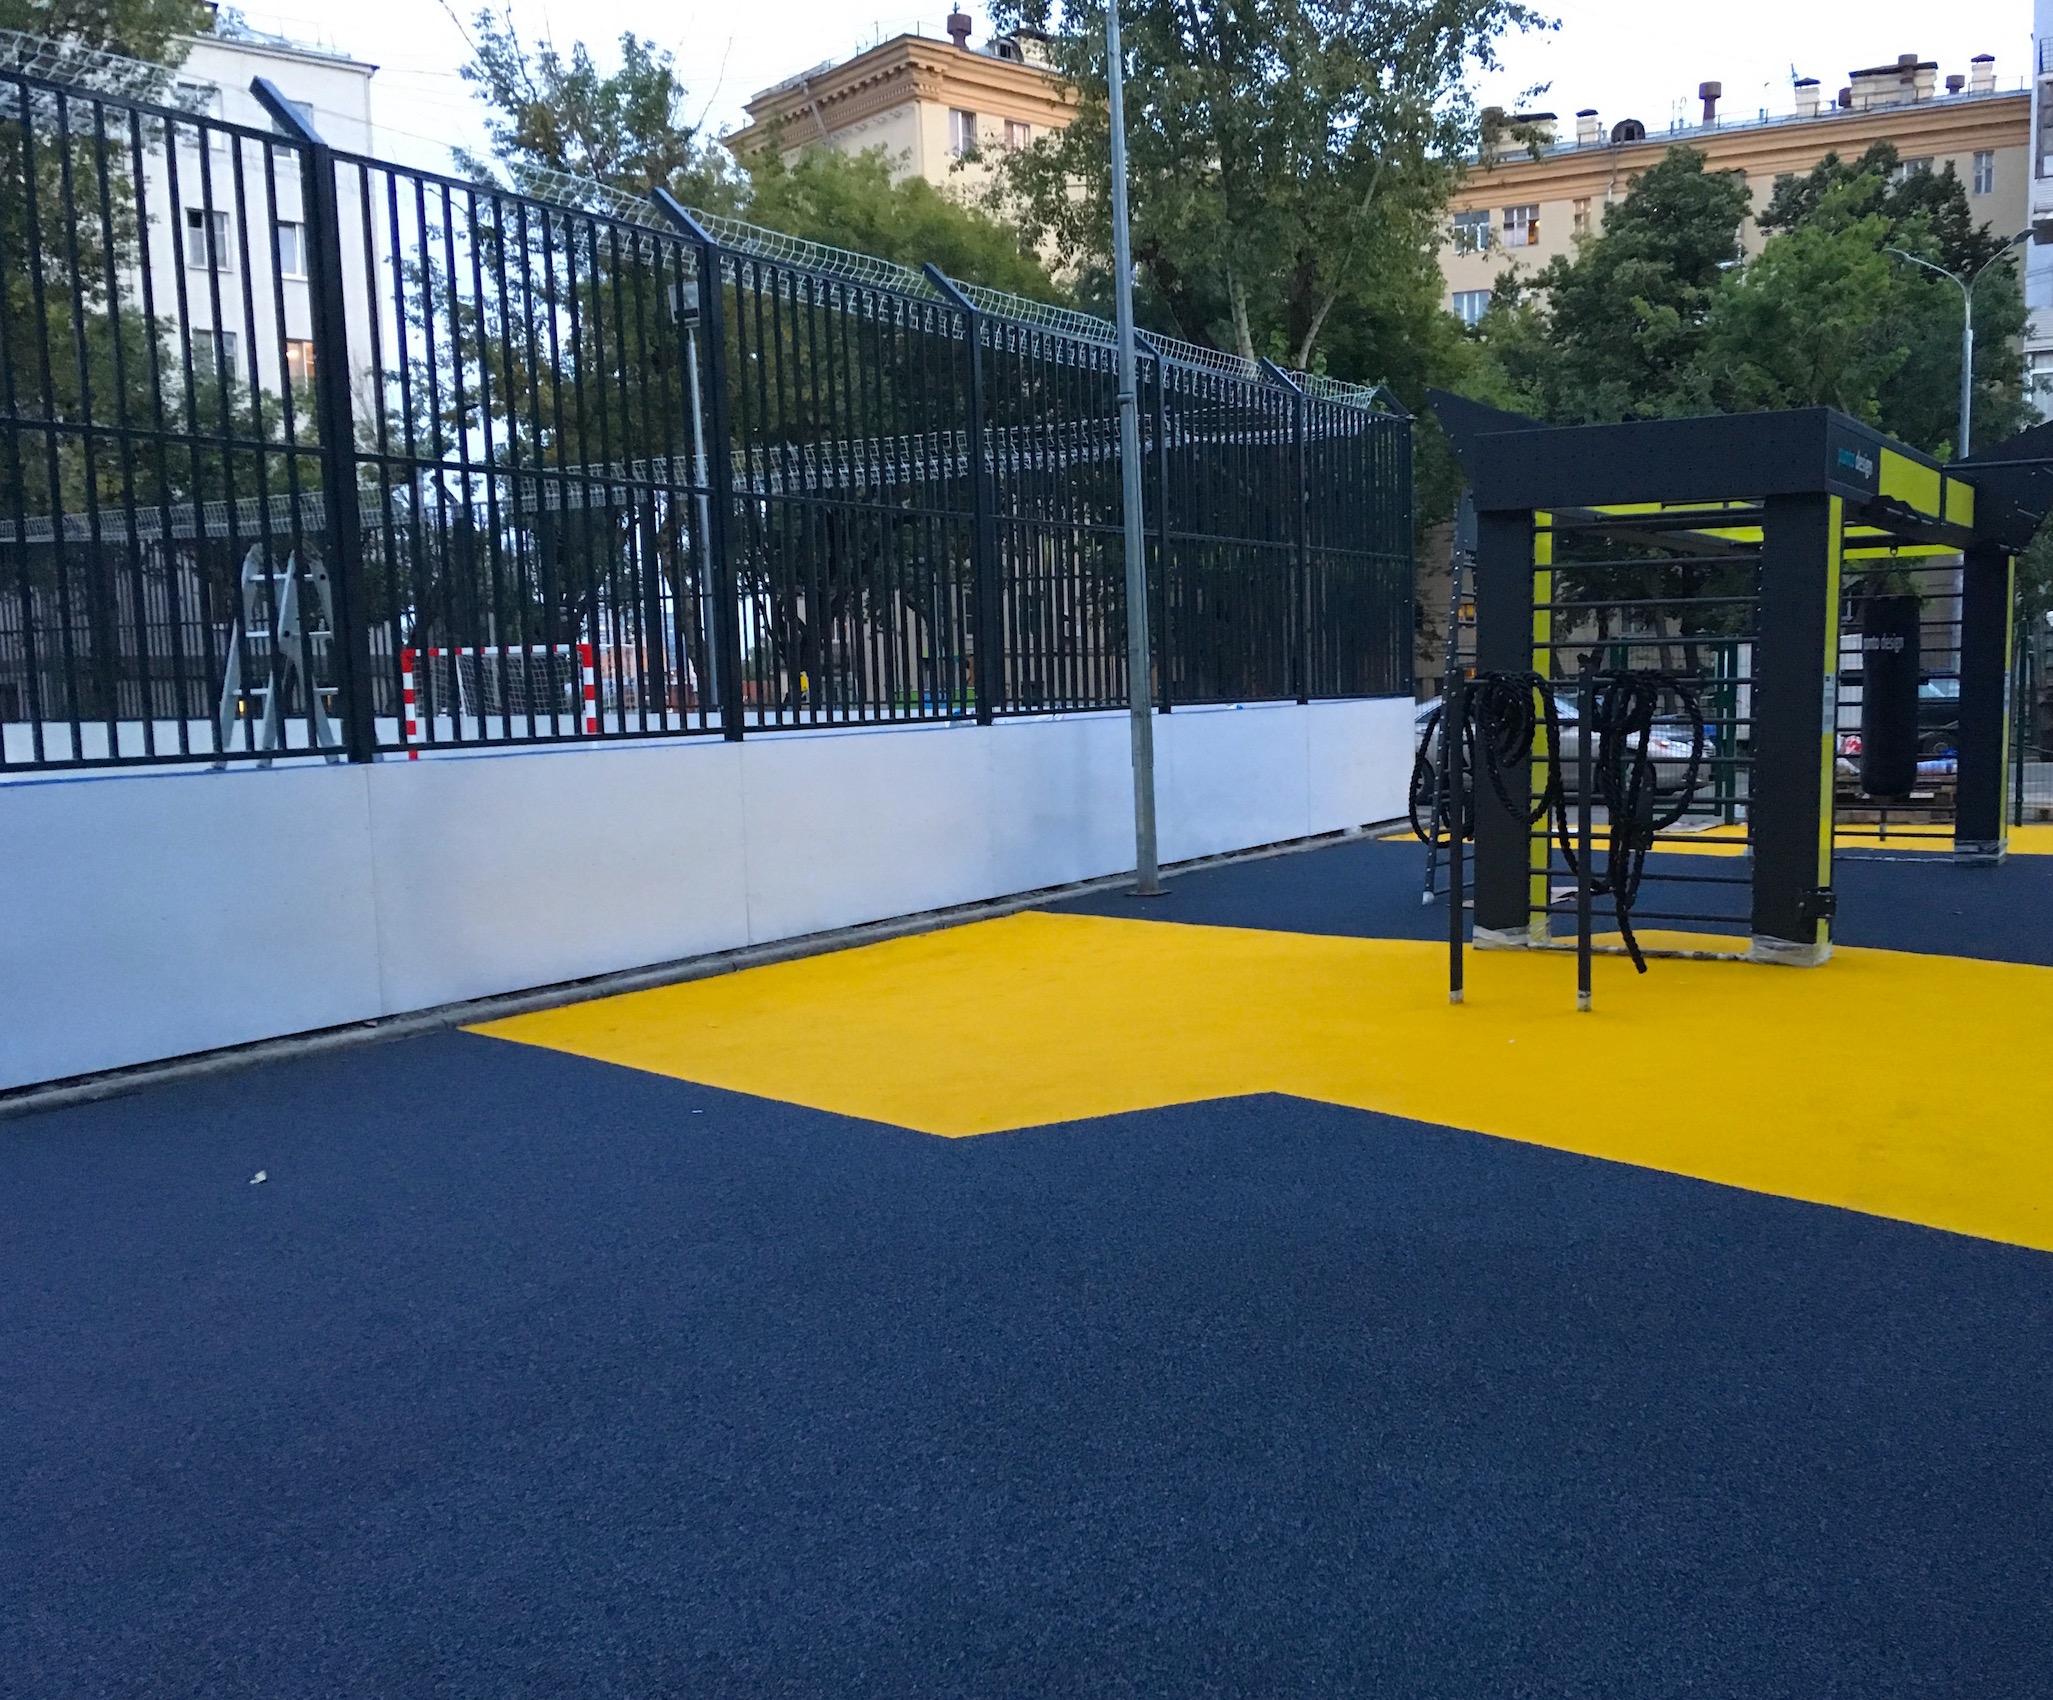 Покрытие спортивной площадки Punto design